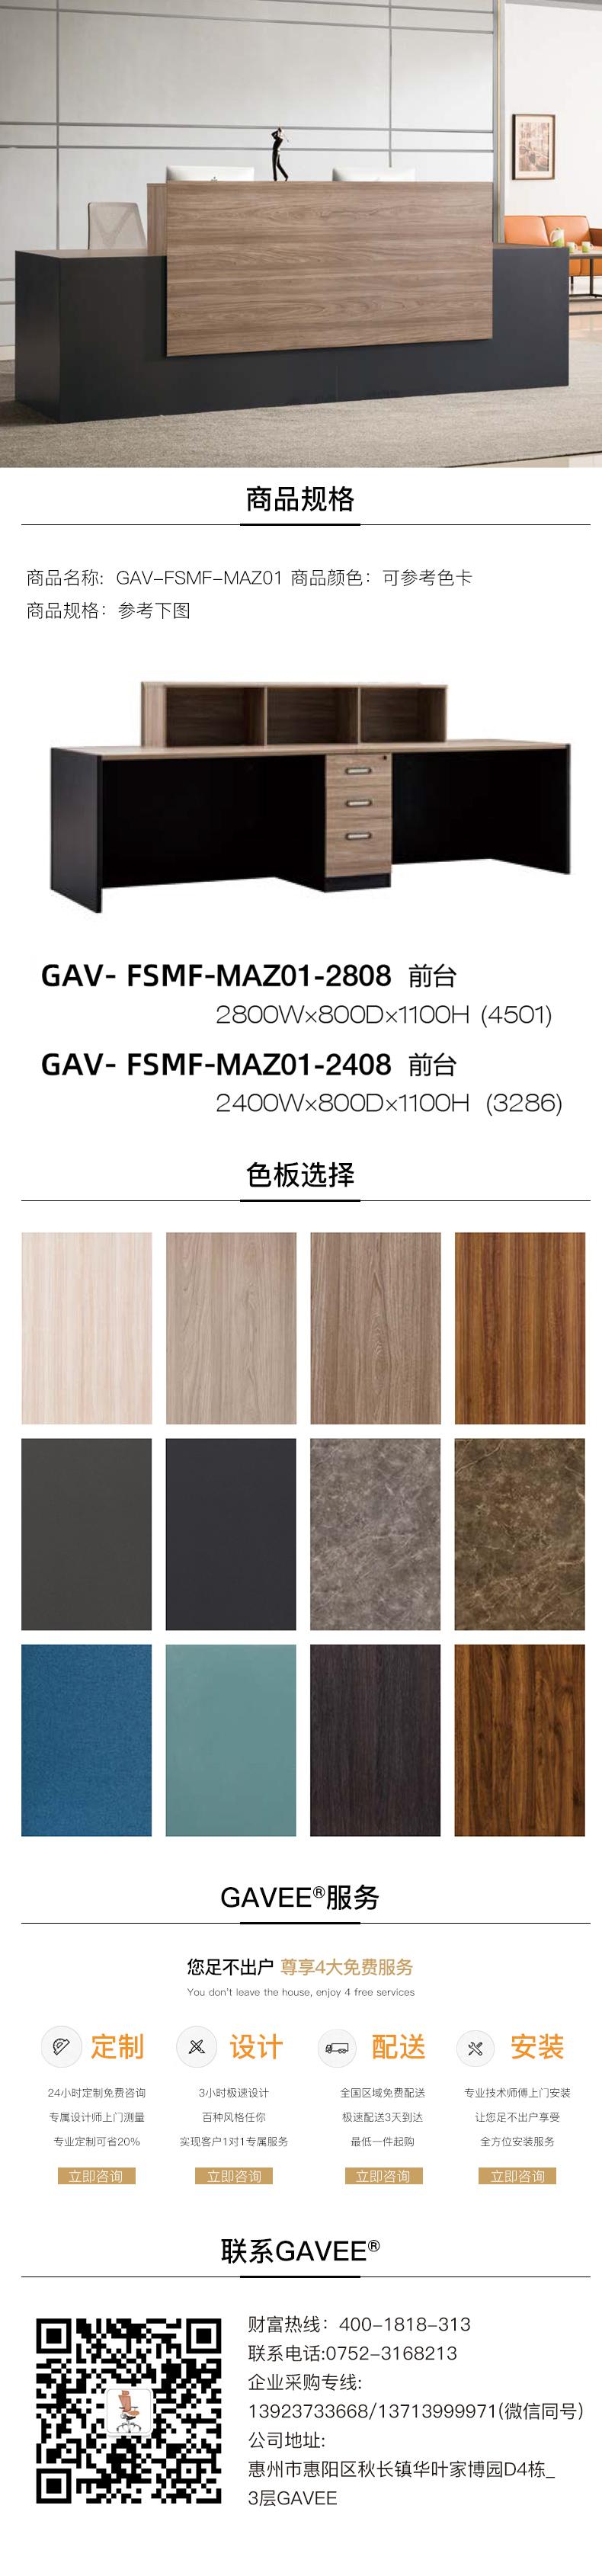 前臺接待系統GAV-FSMF-MAZ01.jpg